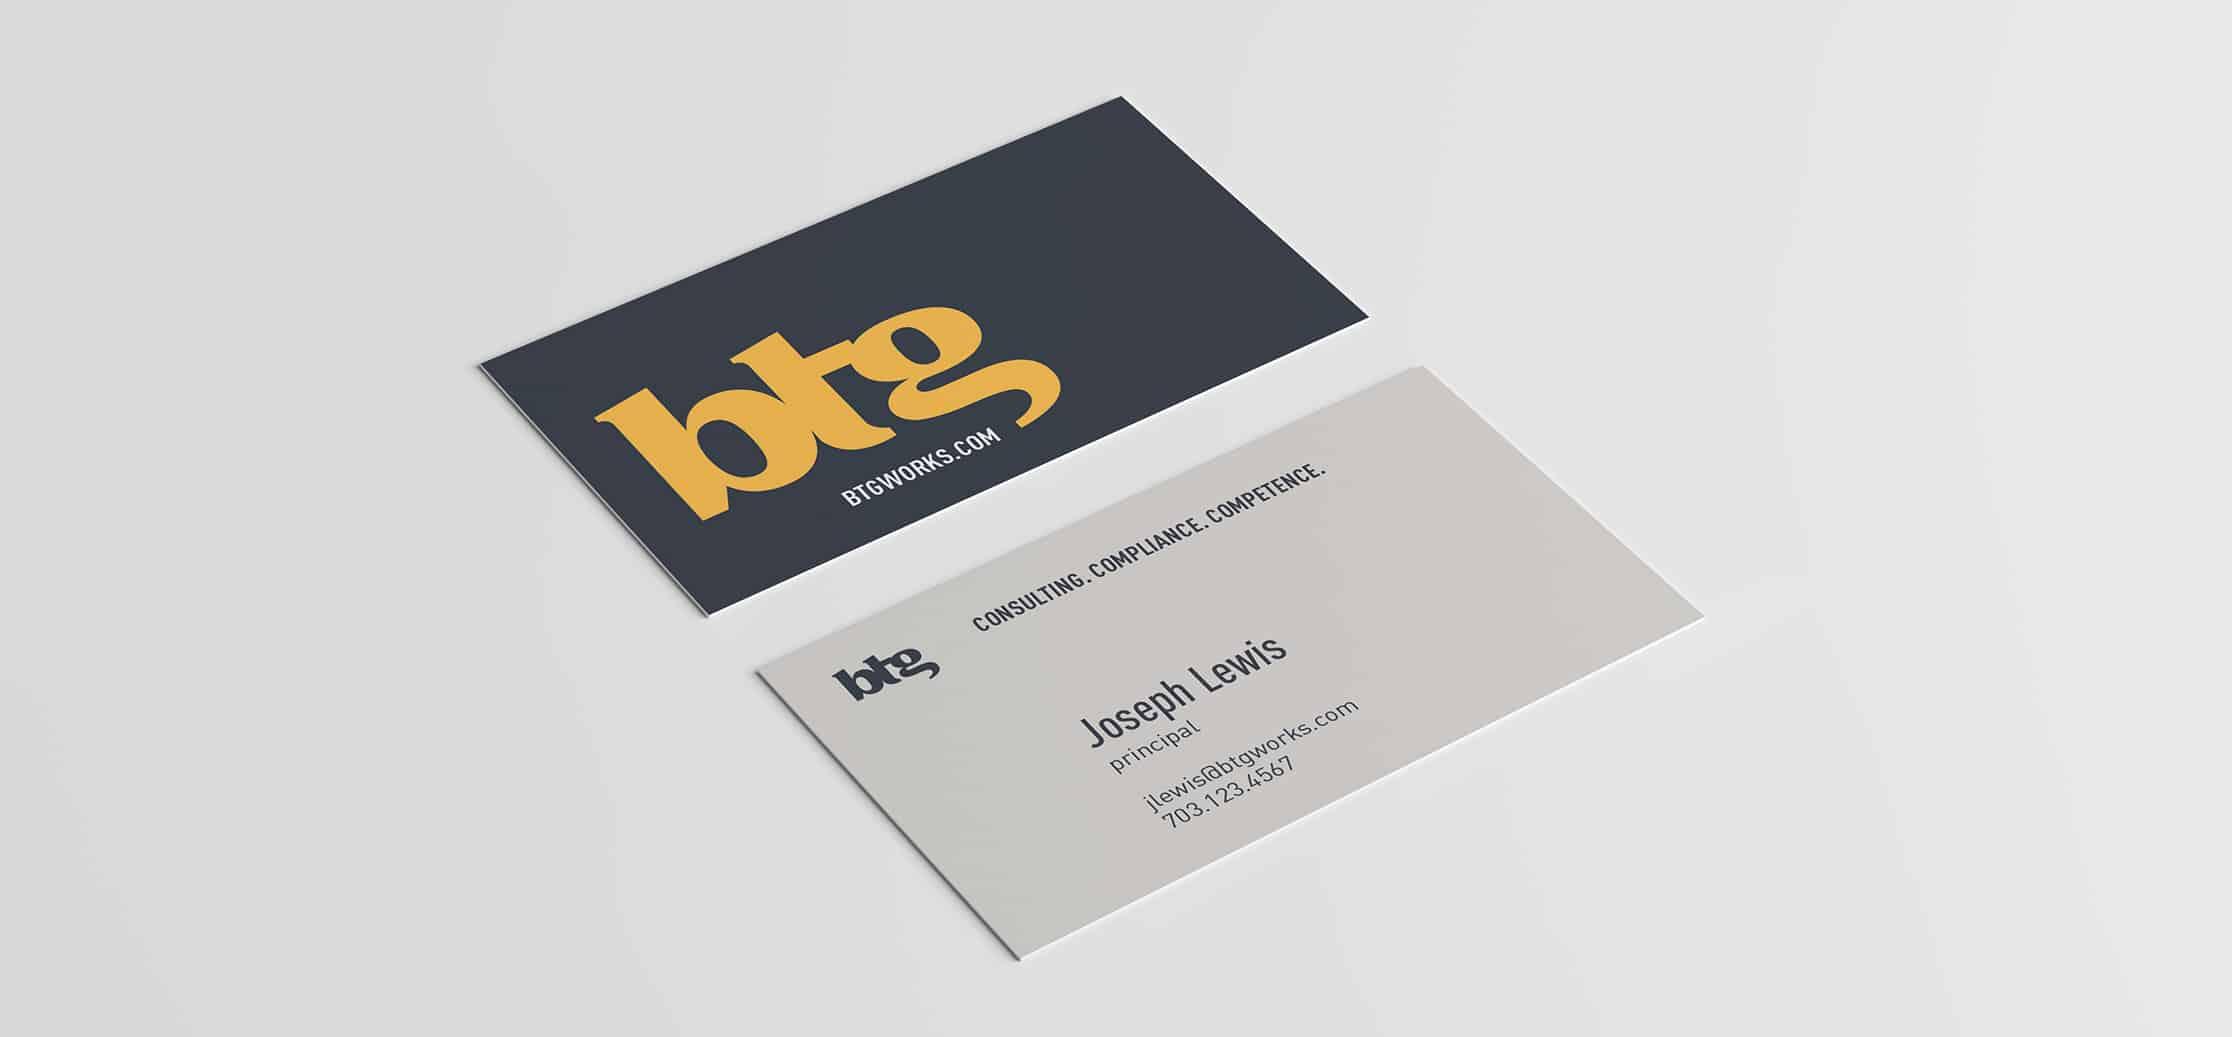 btg-businesscards-fullwidth